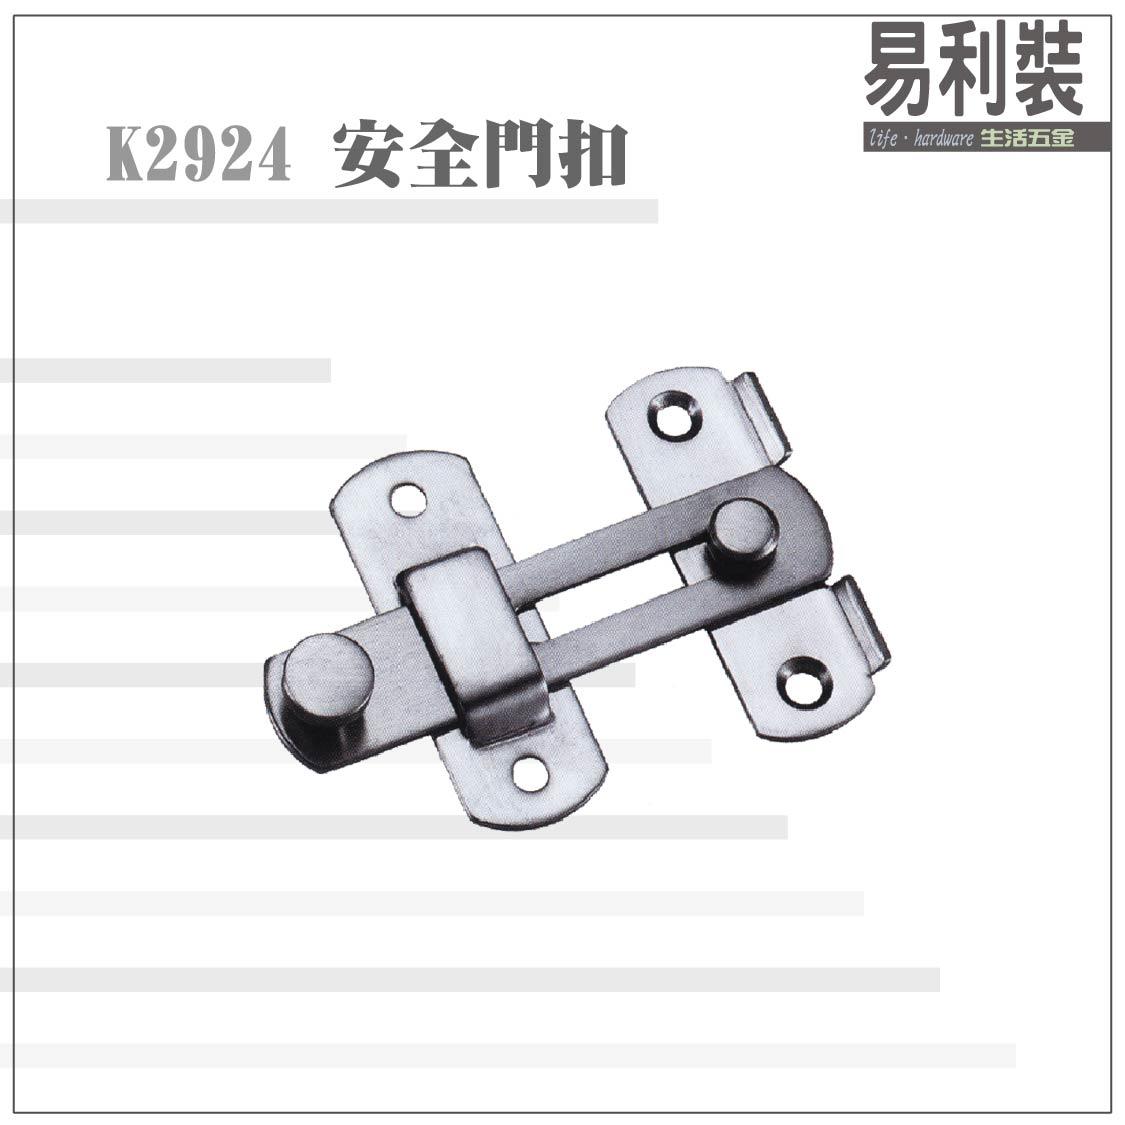 【 EASYCAN  】K2924 不鏽鋼安全門扣  易利裝生活五金 門板 房間 臥房 衣櫃 小資族 辦公家具 系統家具